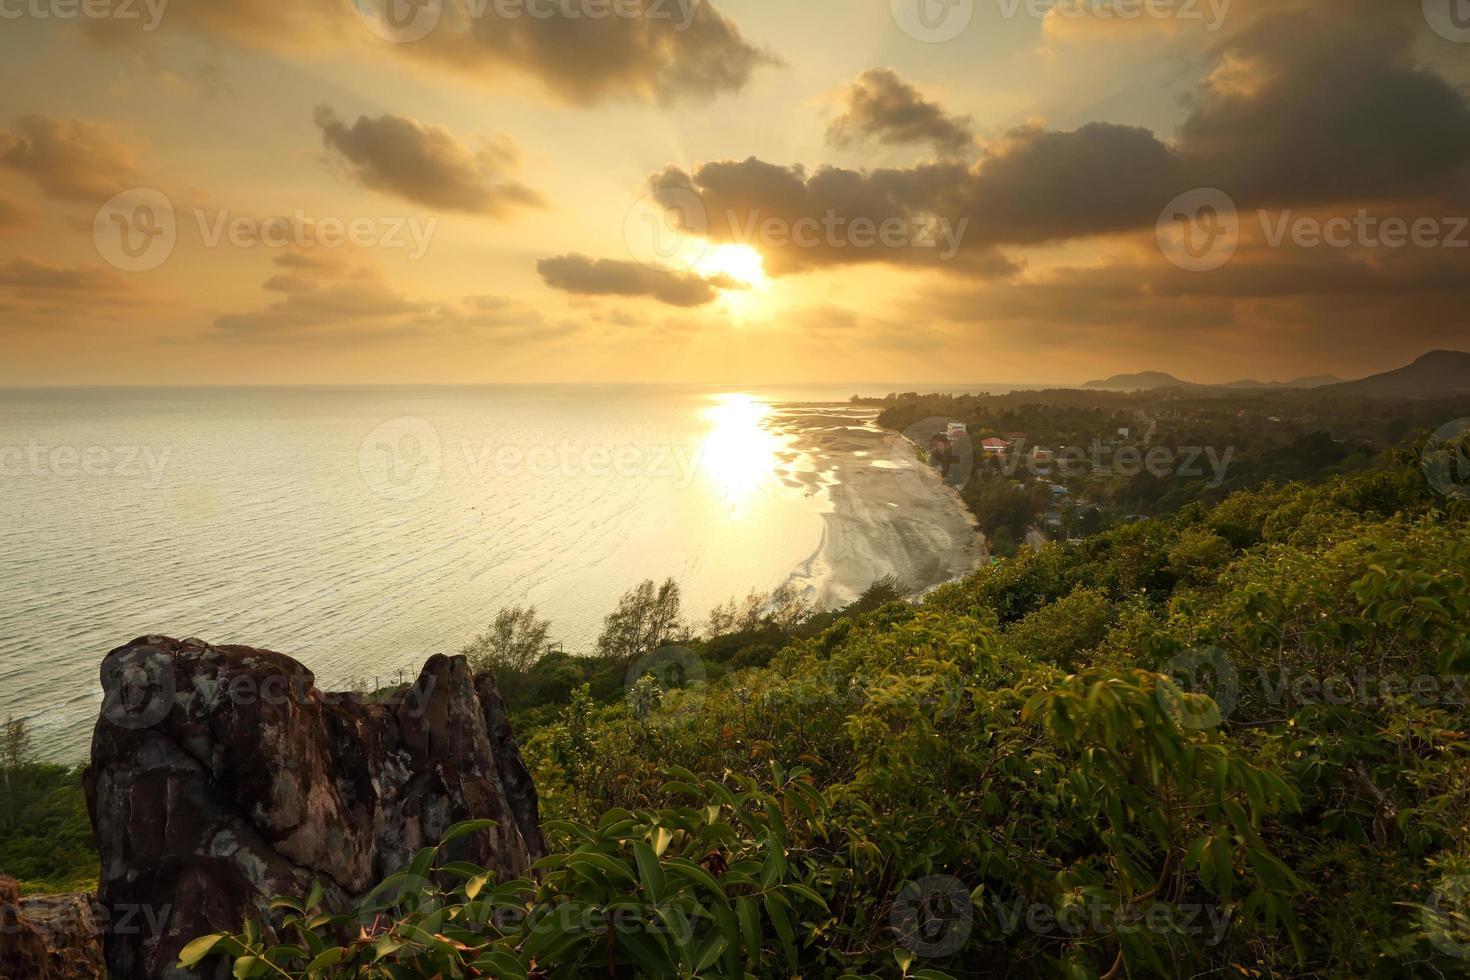 vista desde la montaña en la playa al atardecer foto